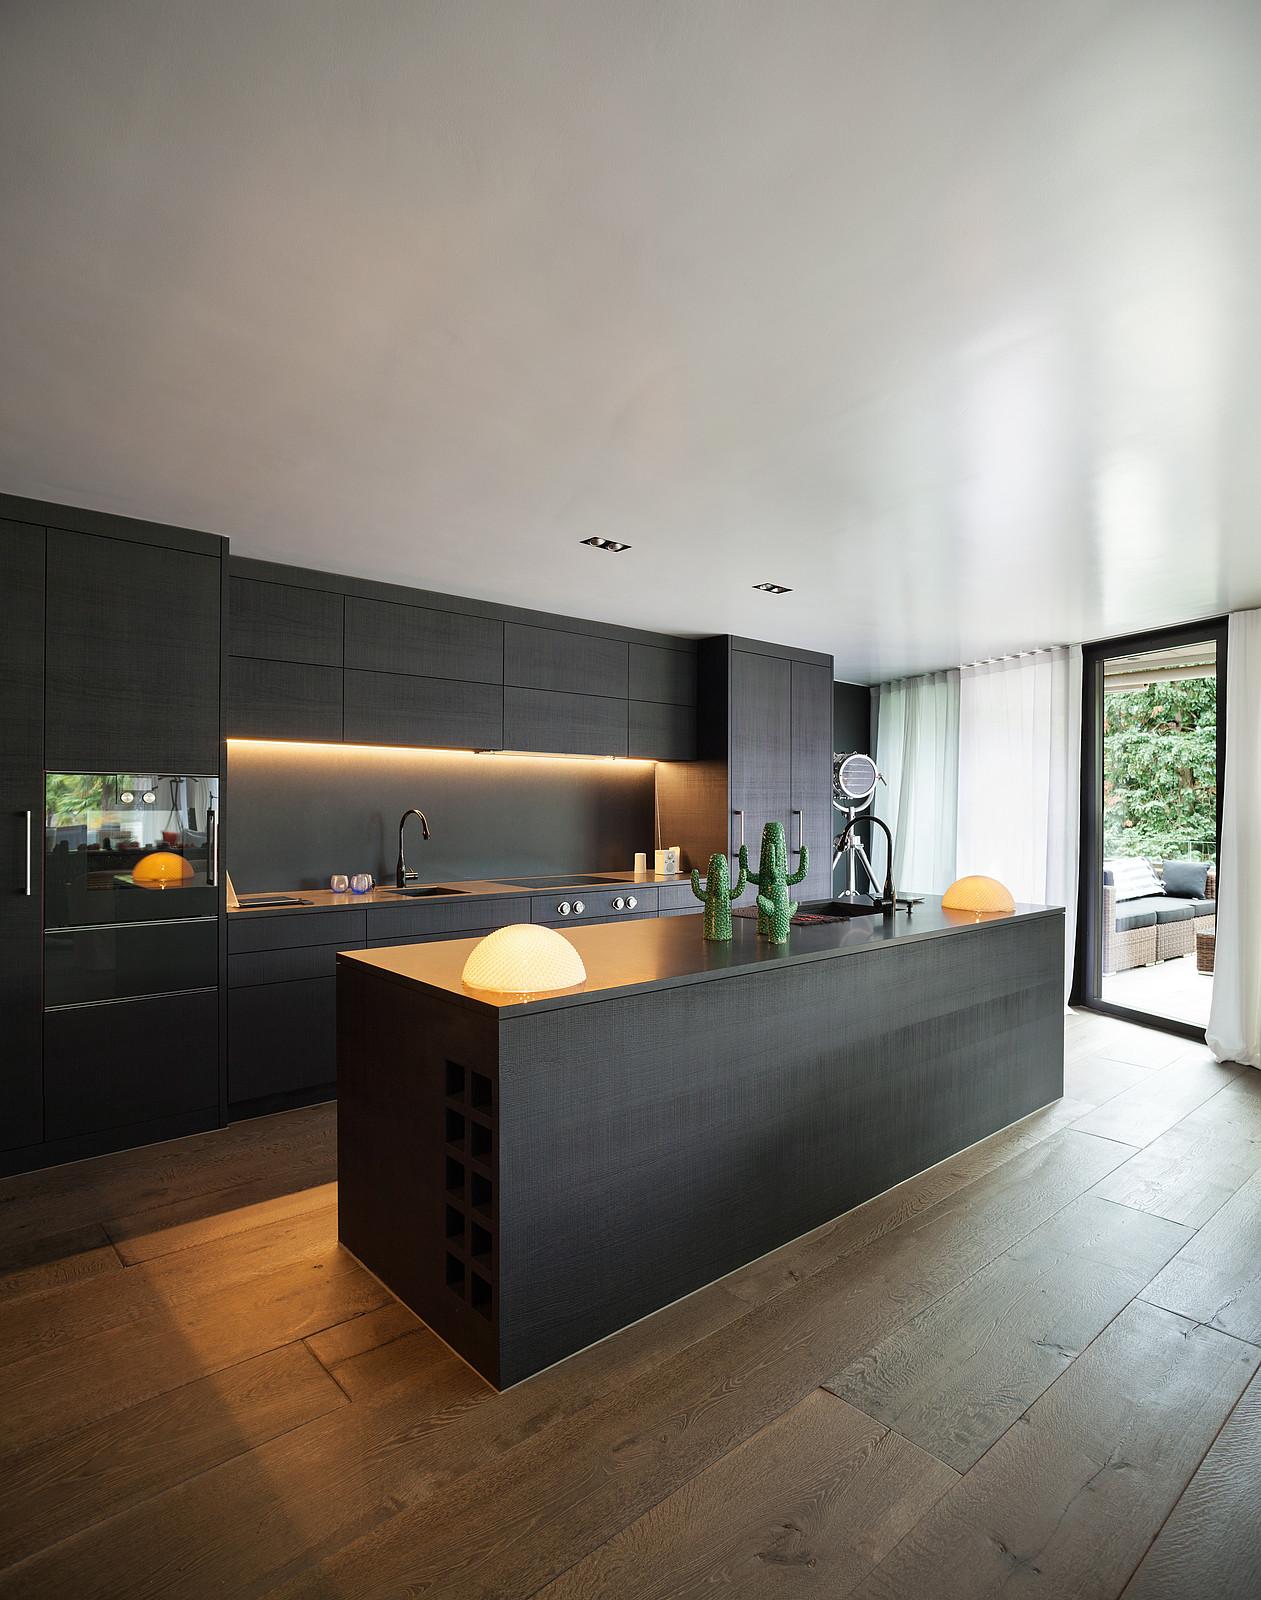 Full Size of Was Kostet Eine Küche Vom Tischler Was Kostet Eine Küche Mit Geräten Was Kostet Eine Küche Nach Maß Was Kostet Eine Küche Pro Meter Küche Was Kostet Eine Küche